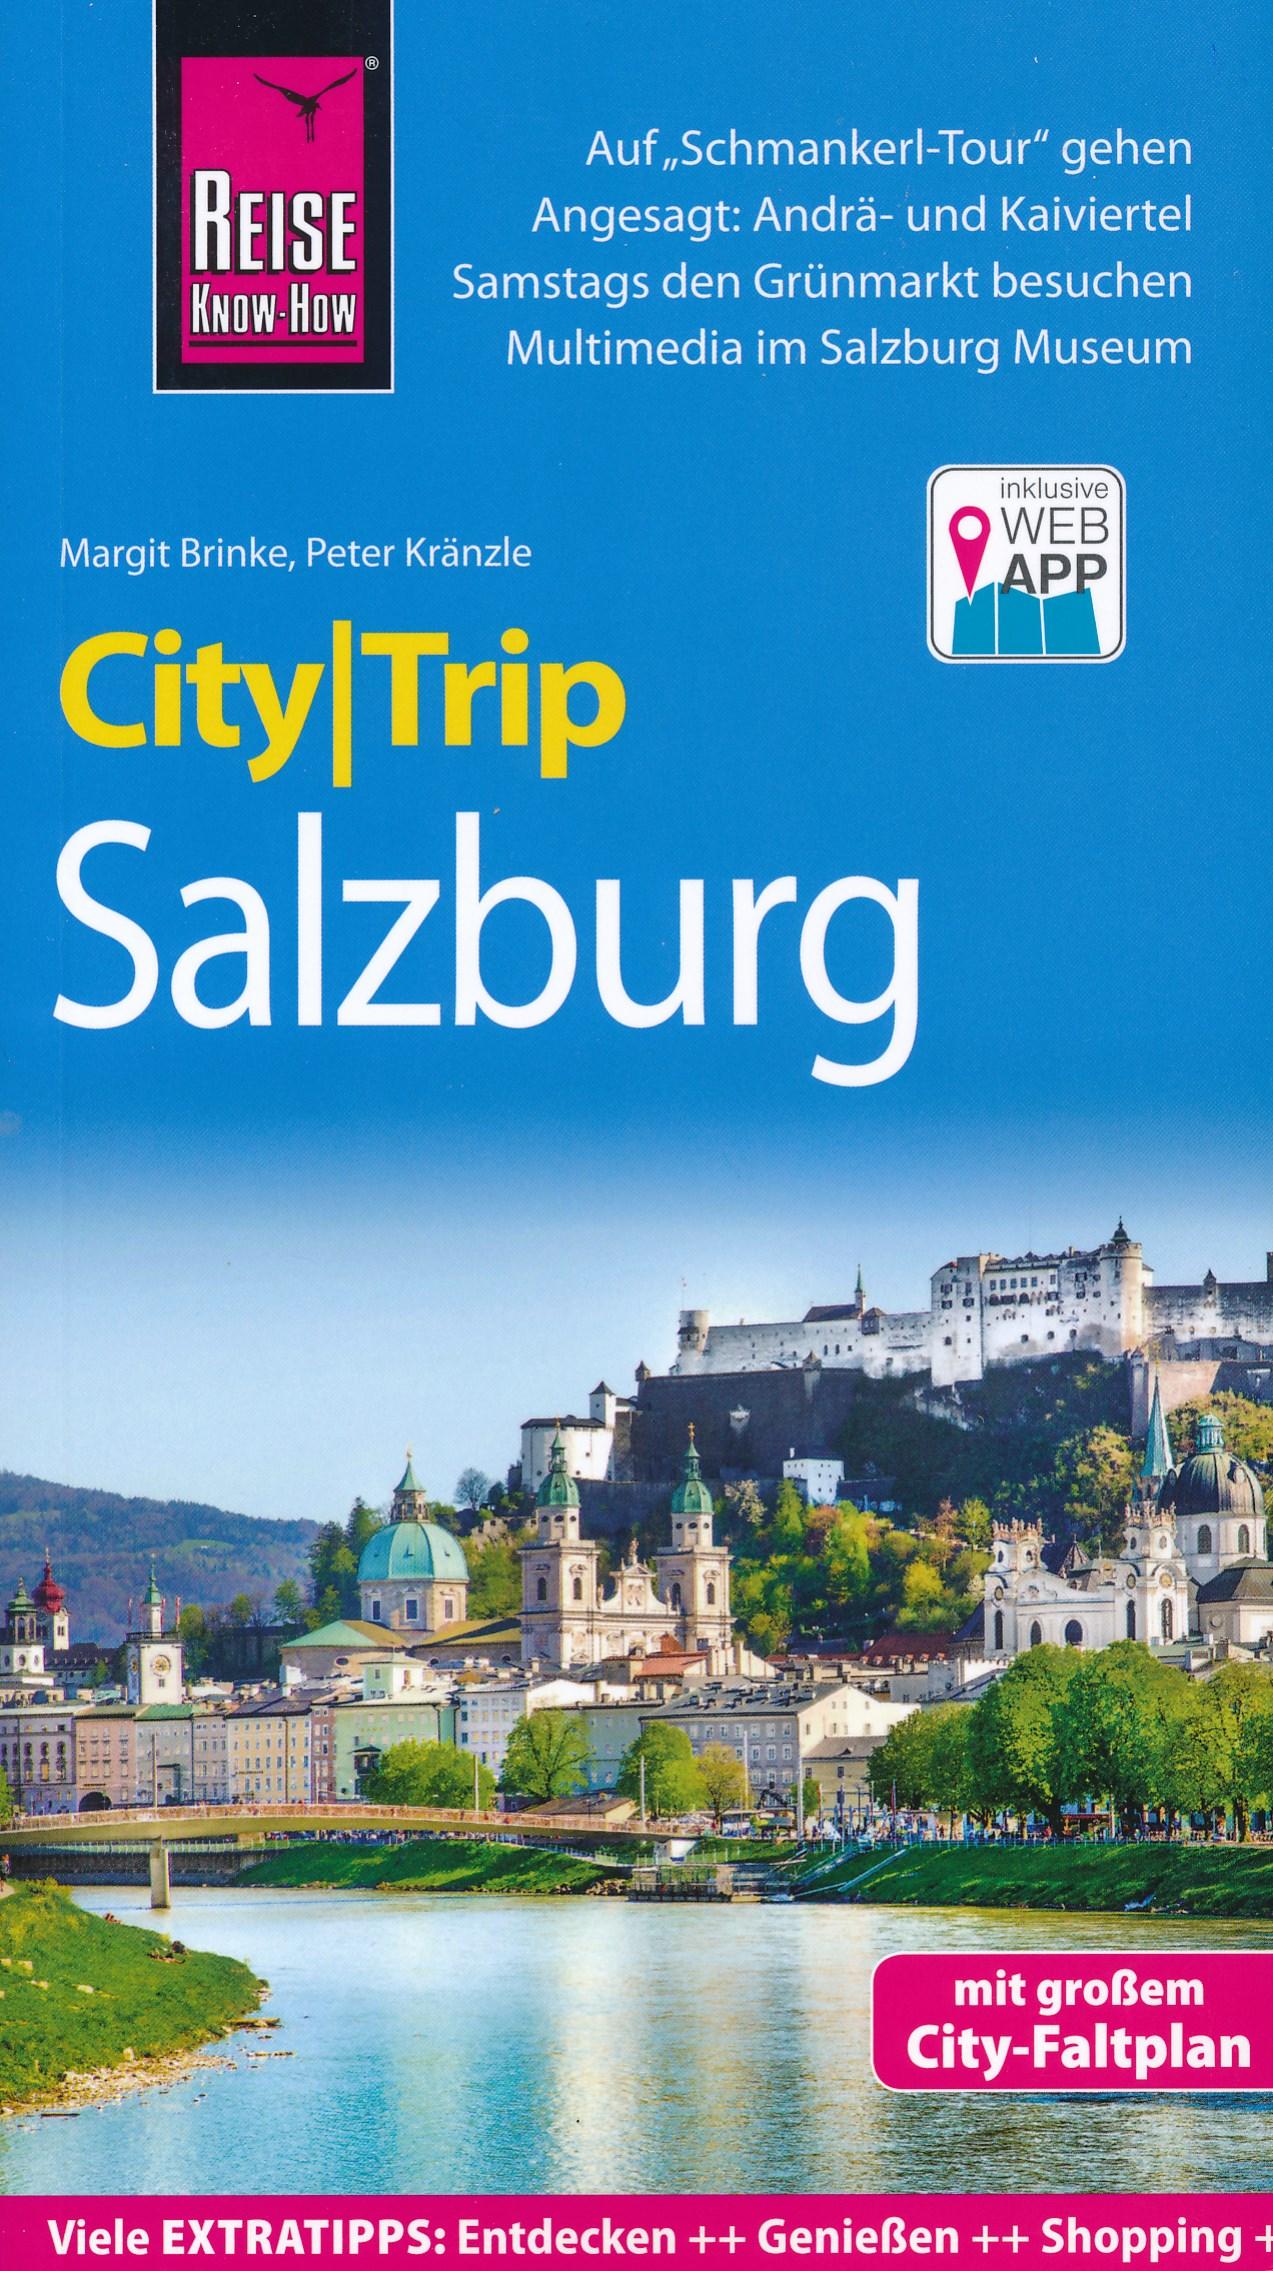 Reisgids CityTrip Salzburg | Reise Know-How Verlag